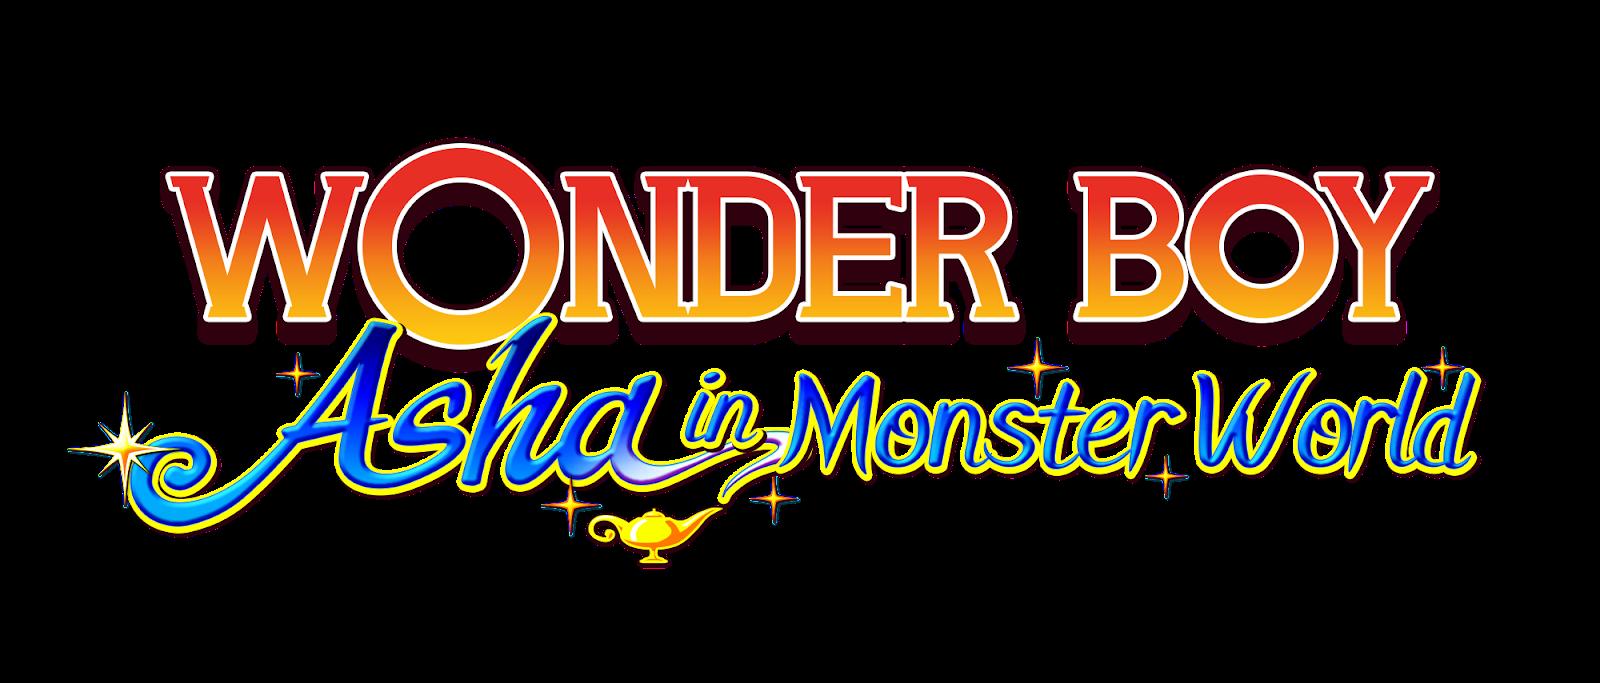 Wonder Boy: Ash in Monster World esce su PC Steam il 29 giugno